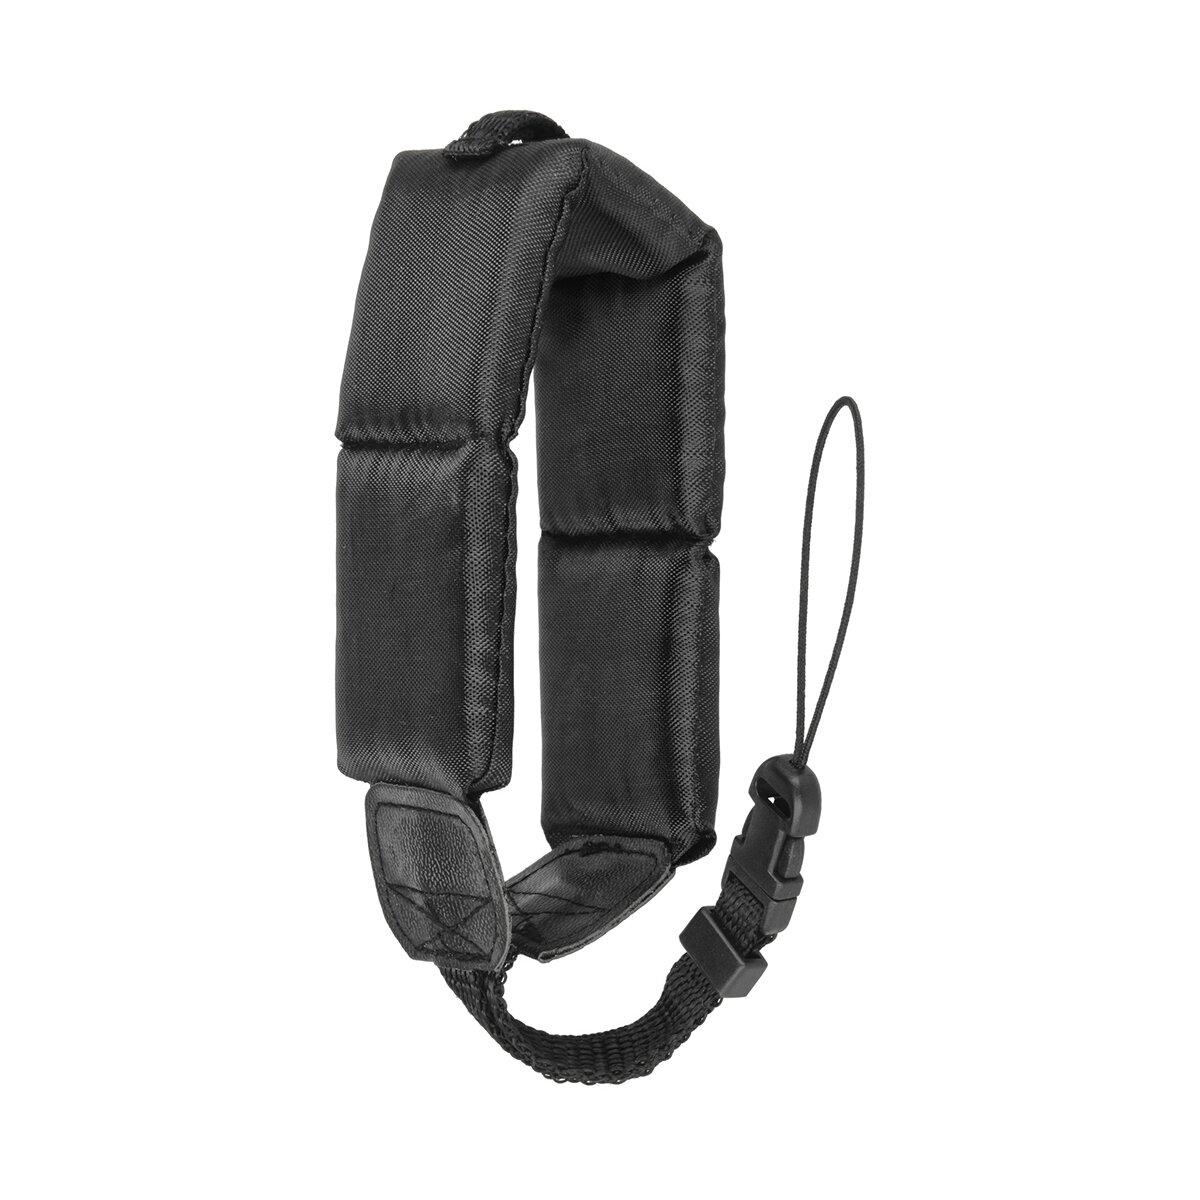 Minadax® Schwimmfähige Handschlaufe | Für Kompakt- und Unterwasserkameras | Praktisch & Sicher | Schwarz